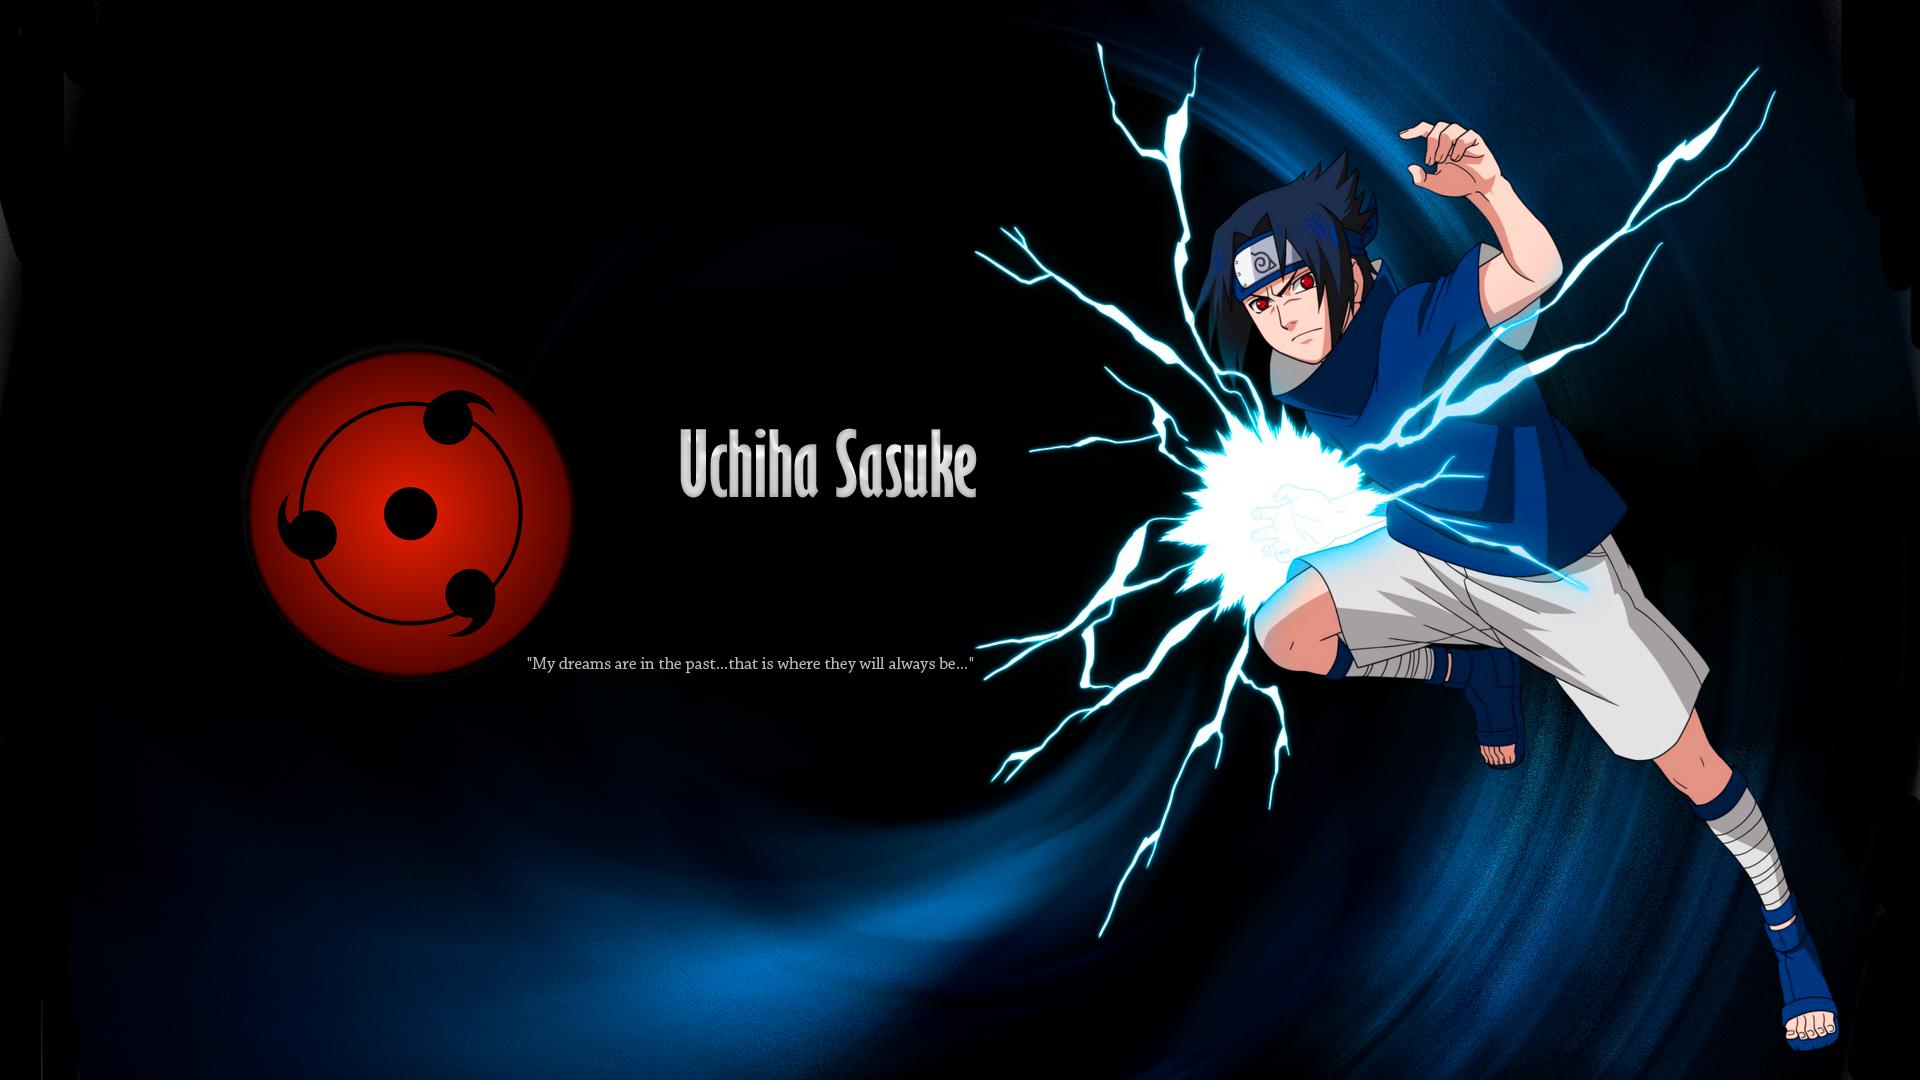 Free Download Wallpaper Shippuden Naruto Sasuke 1920x1080